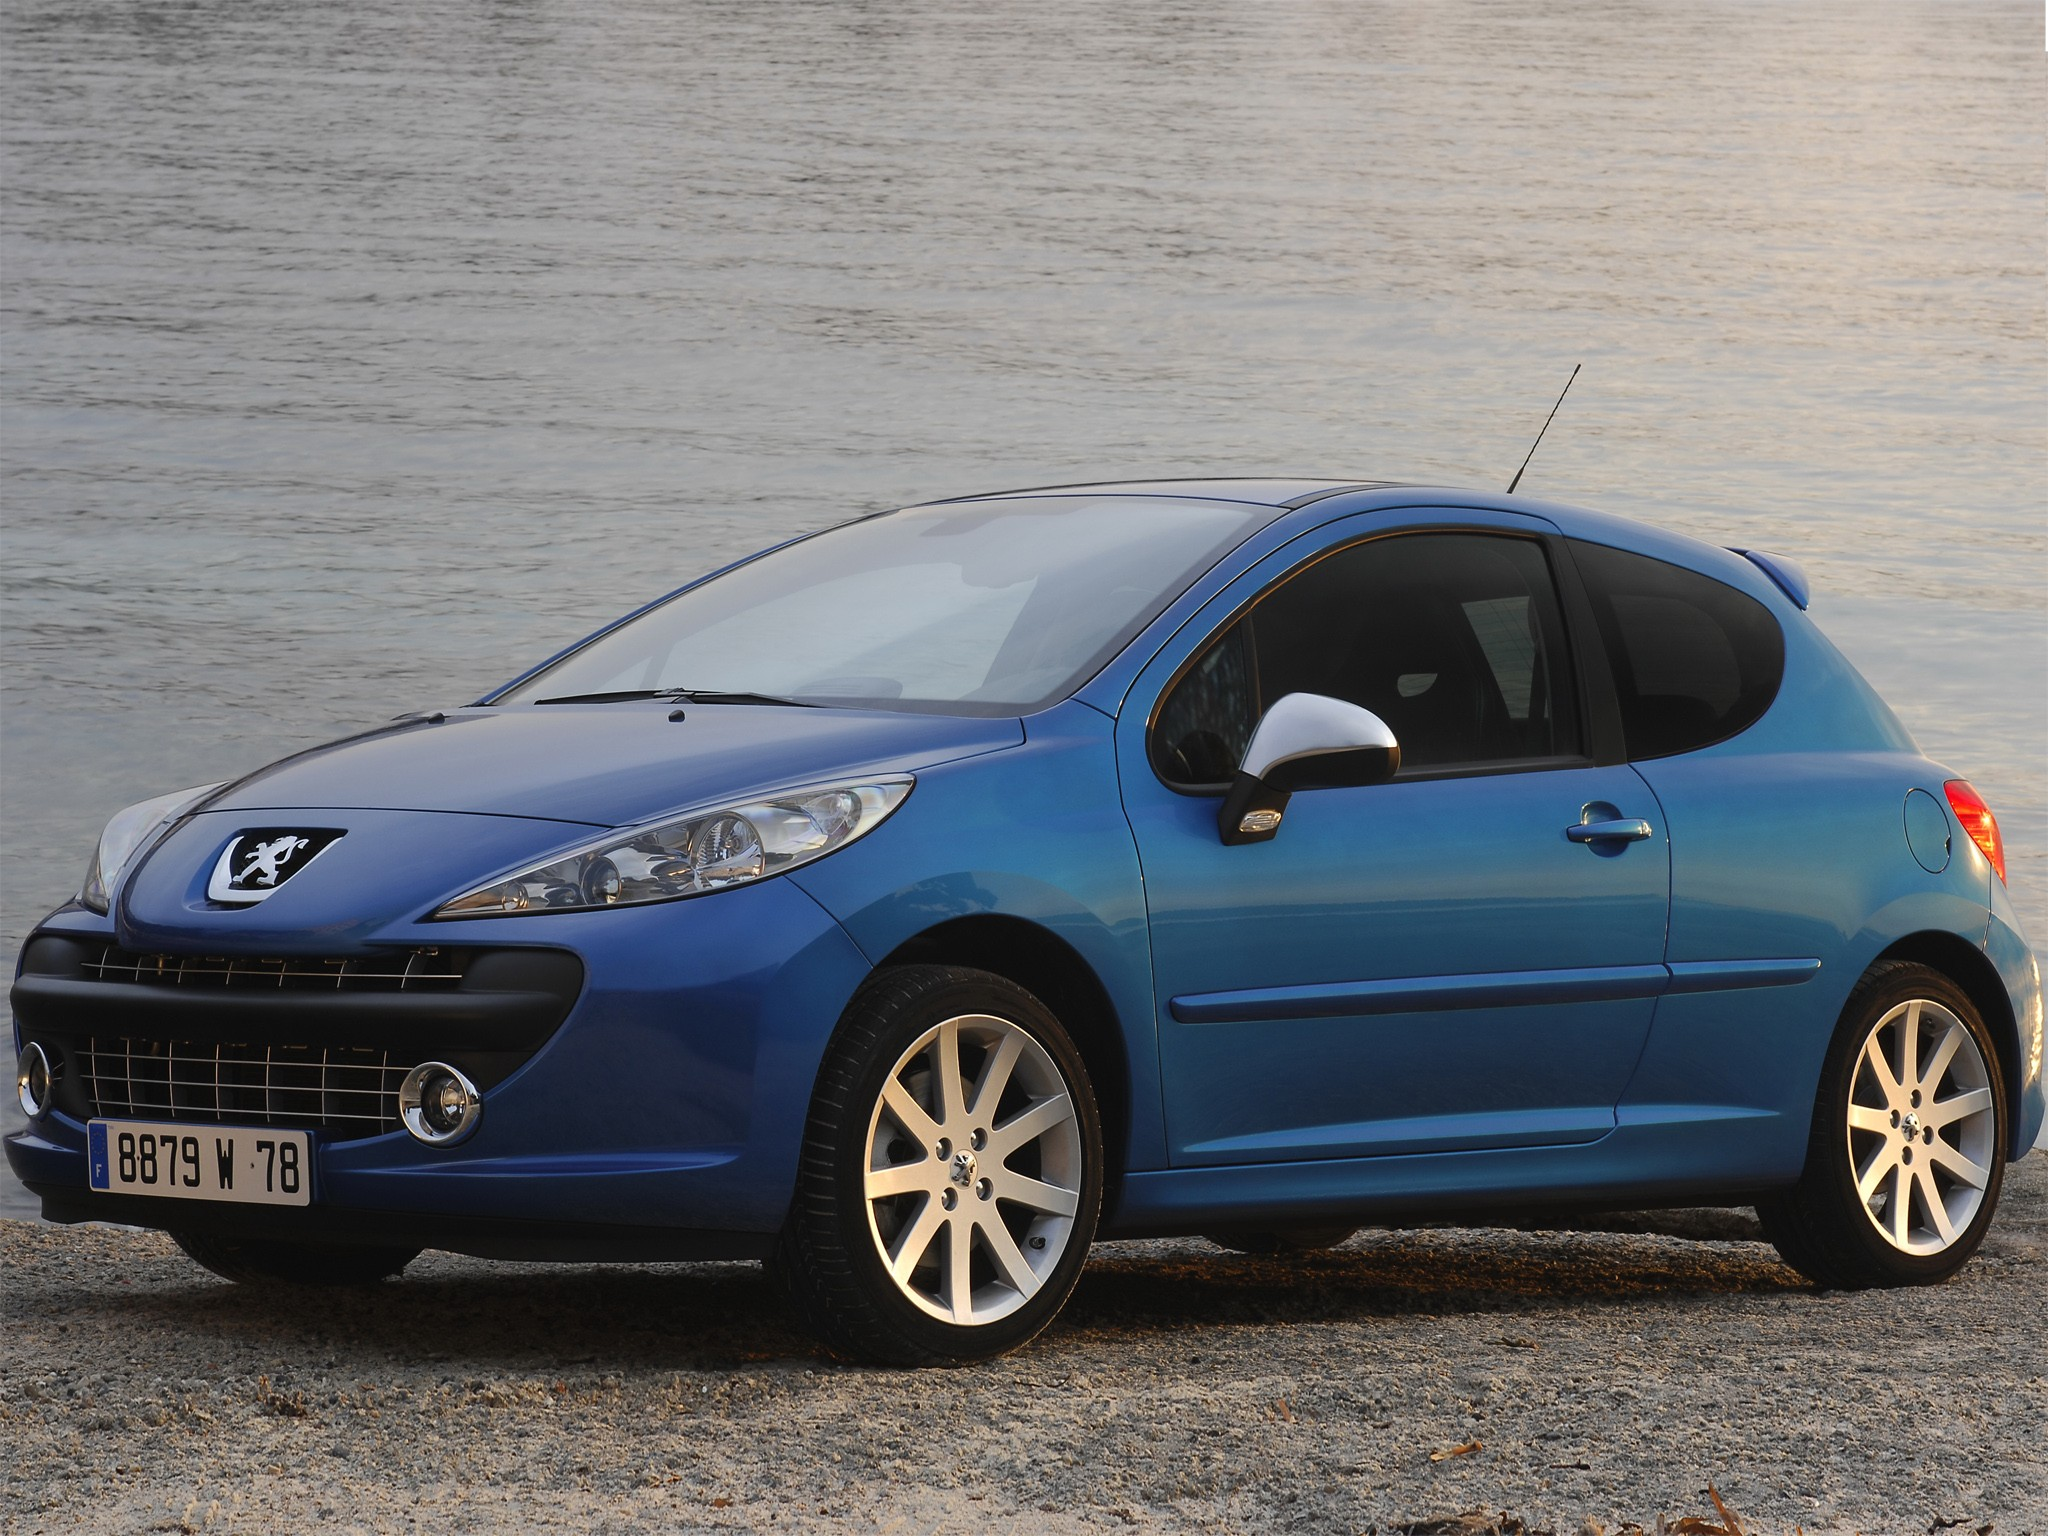 Car Rims And Tires Wallpaper Peugeot 207 Rc Specs 2007 2008 2009 Autoevolution